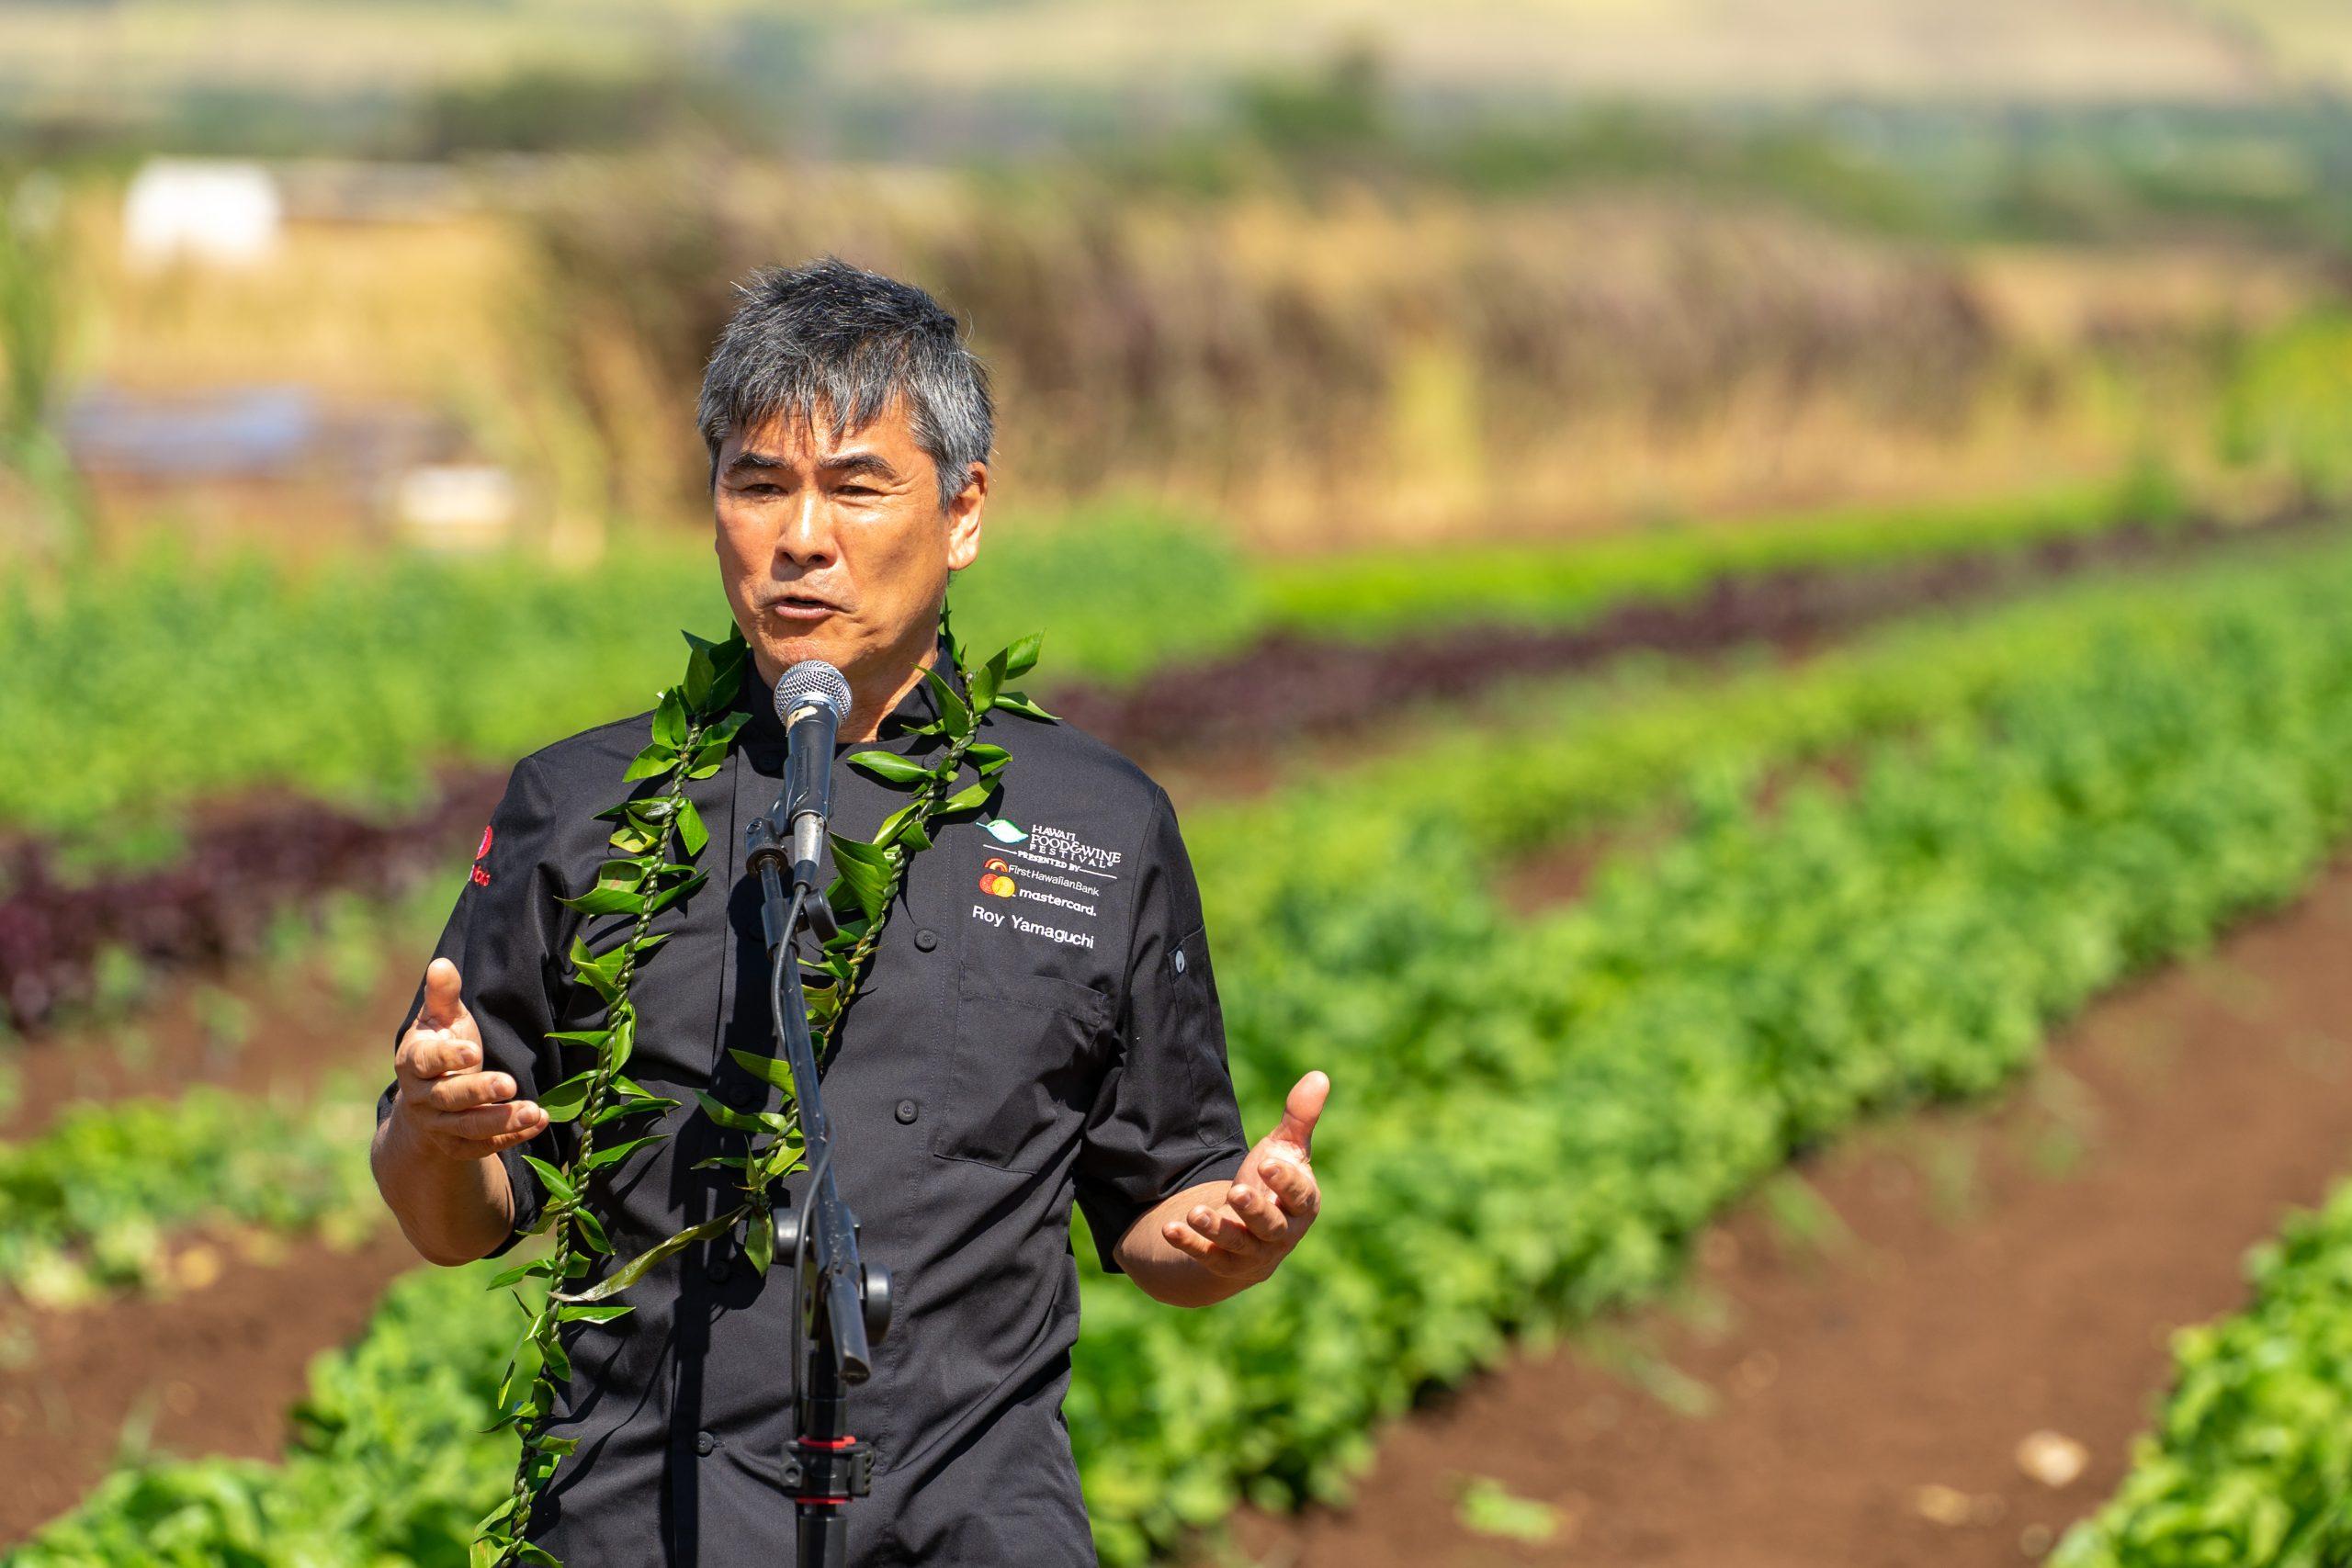 Mahi Pono and Hawaii Food & Wine Festival Host Groundbreaking Chefs' Corner Project